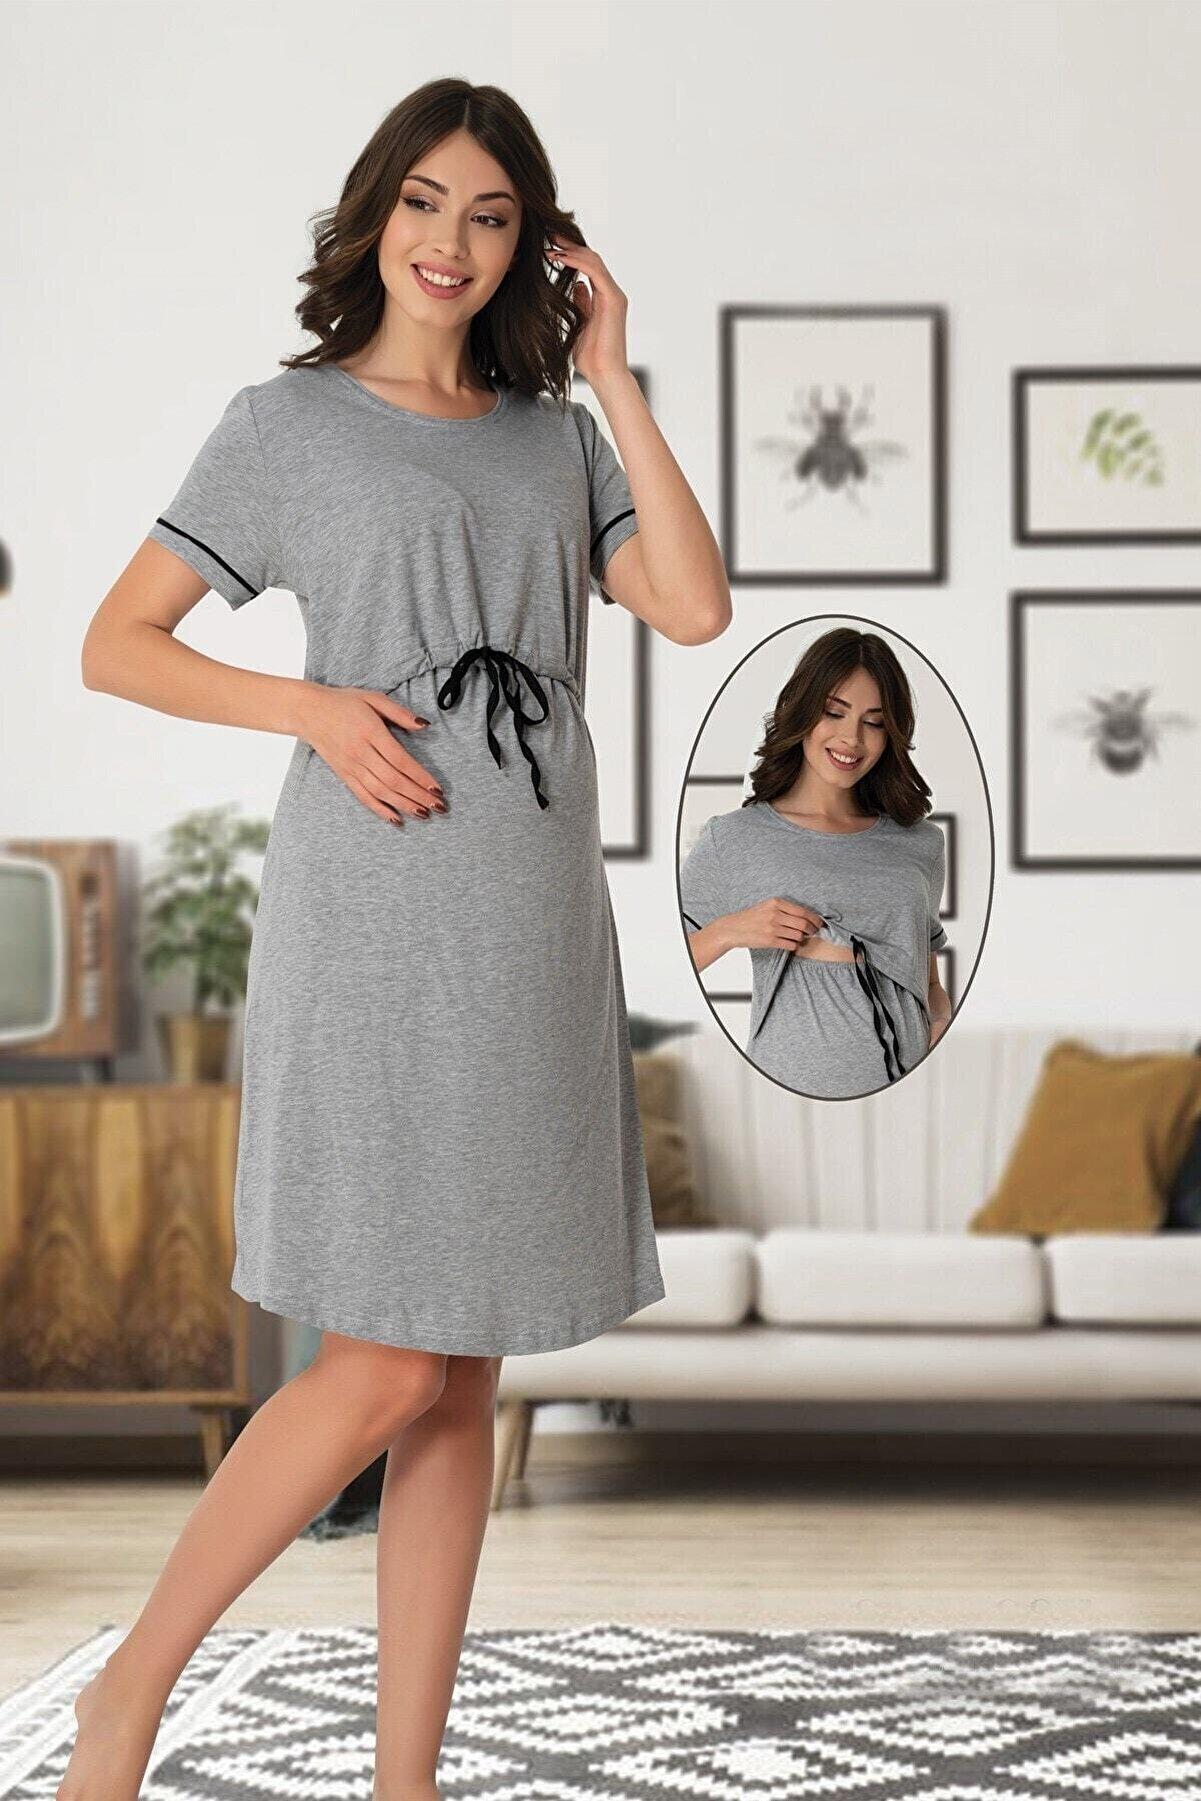 Effort Pijama Lohusahamile Emzirme Özellikli Gri Hamile Elbise 8070